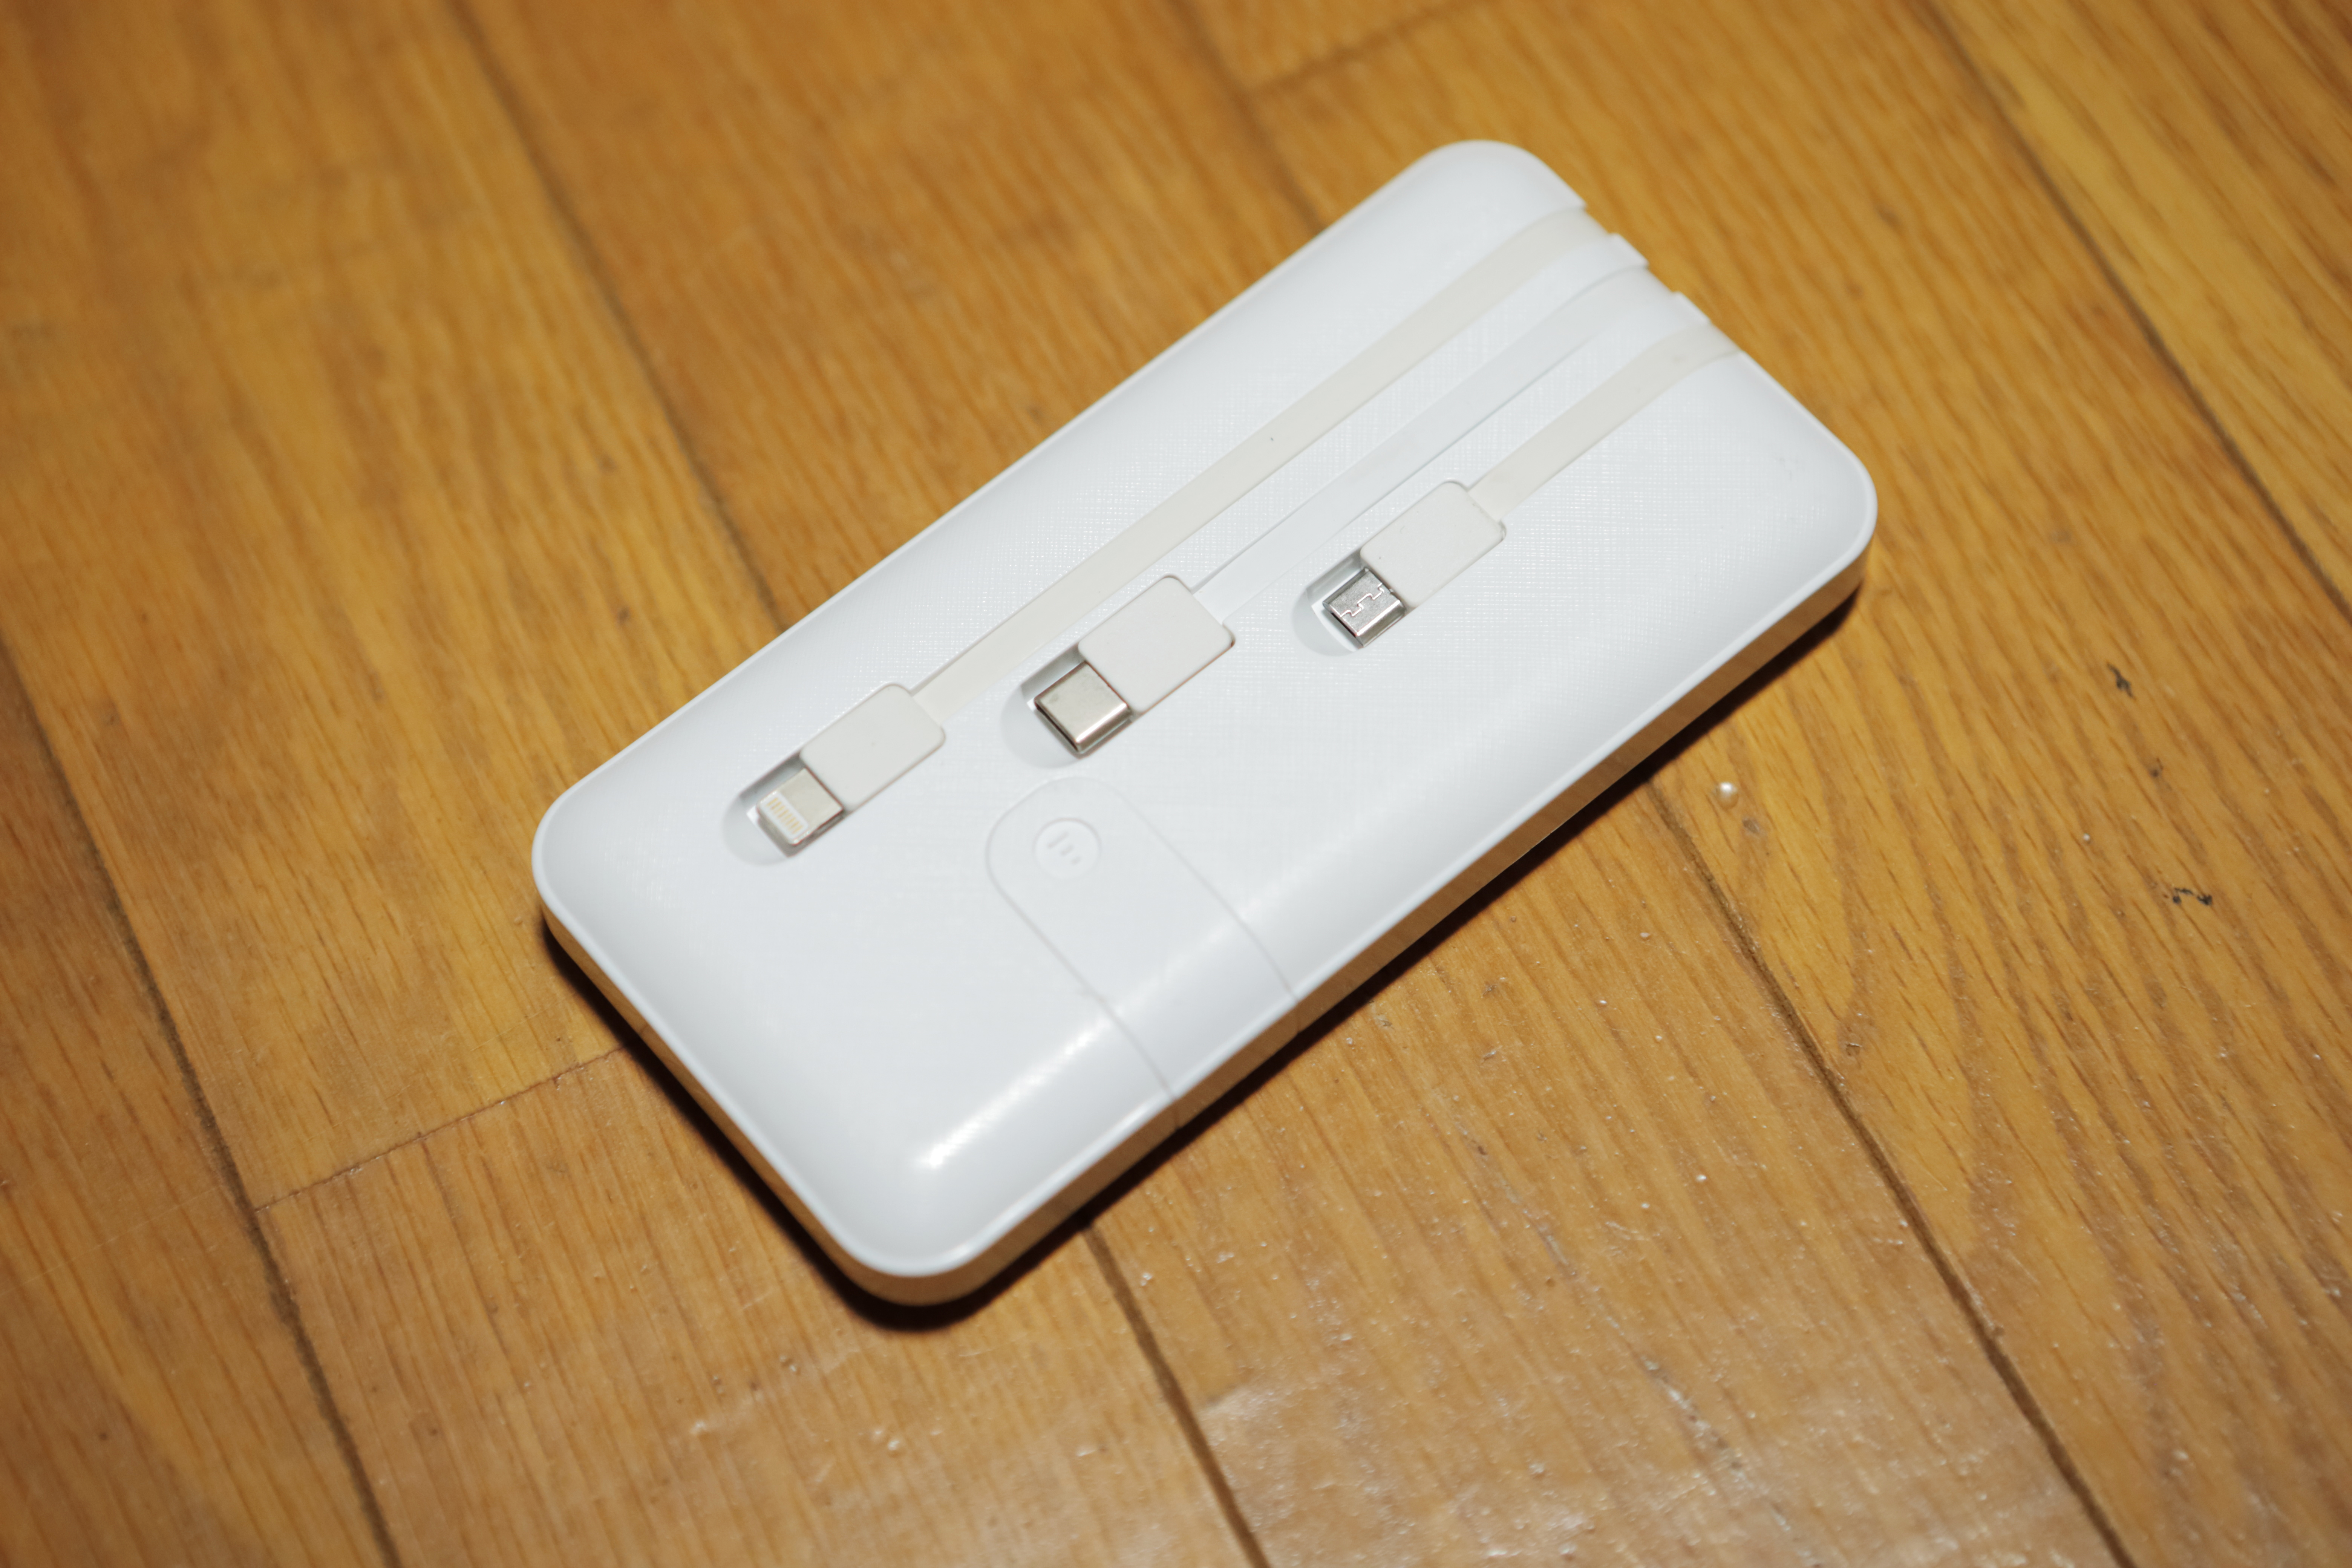 渡辺さんのケーブル付きモバイルバッテリー